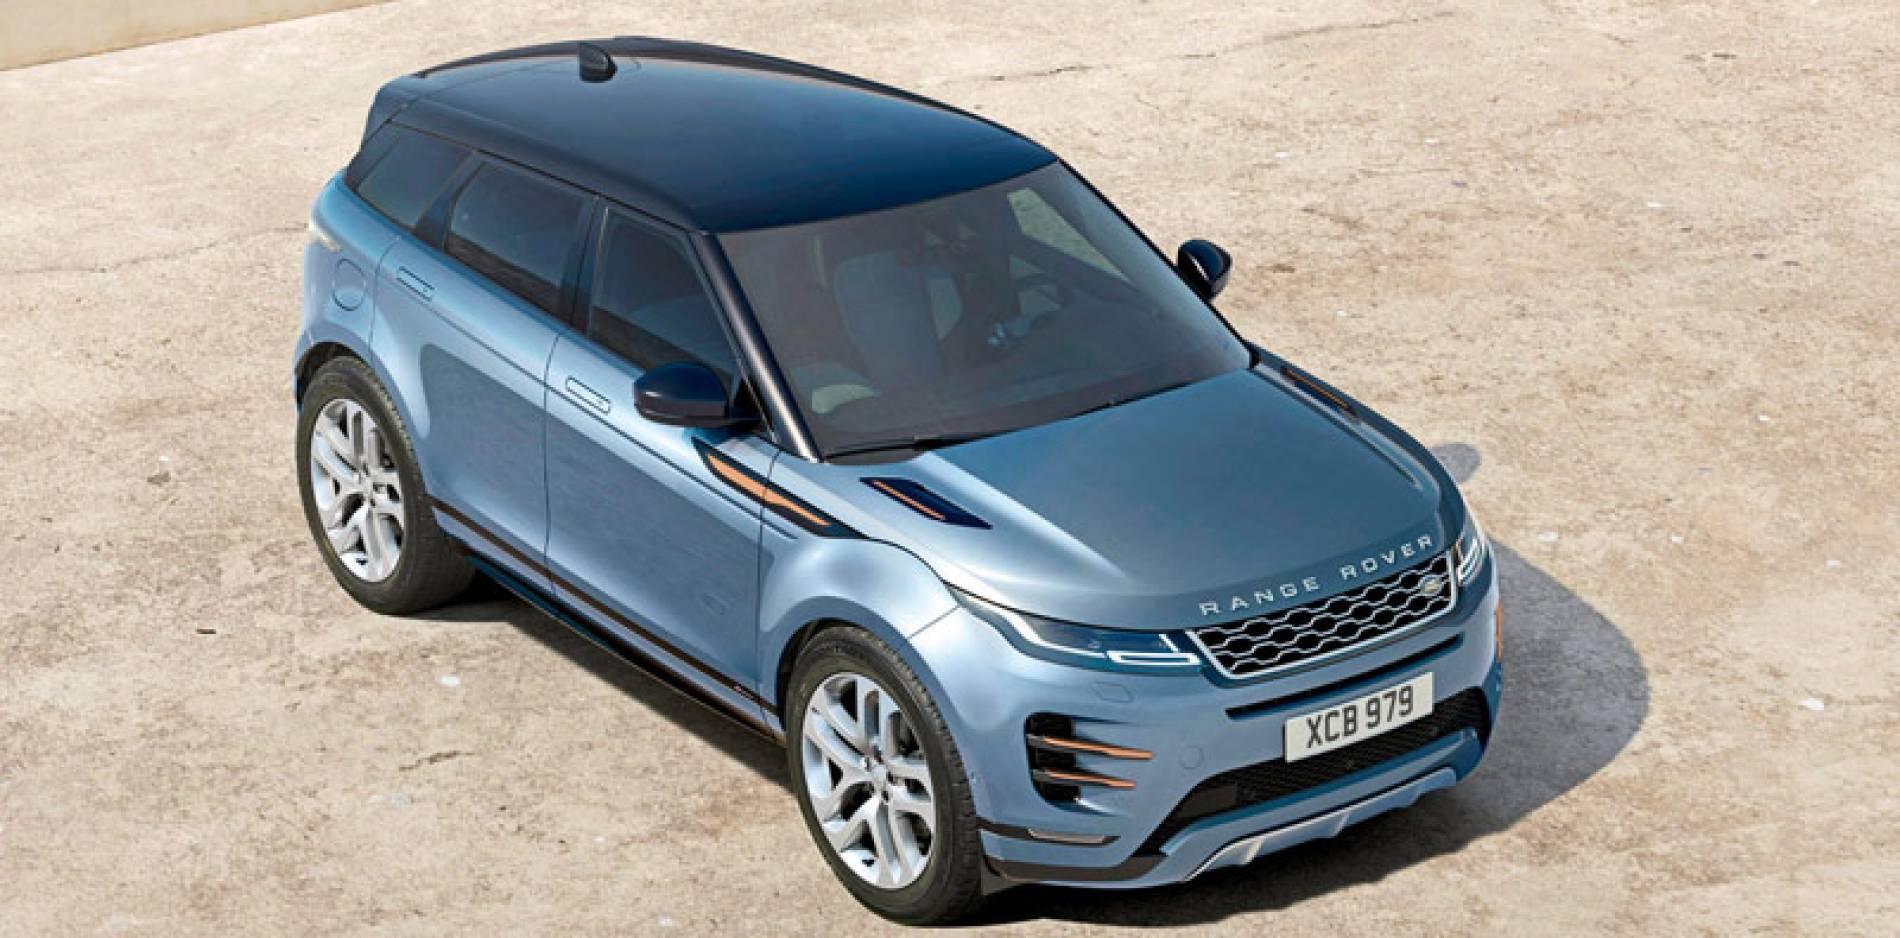 Range Rover Evoque, la nueva referencia